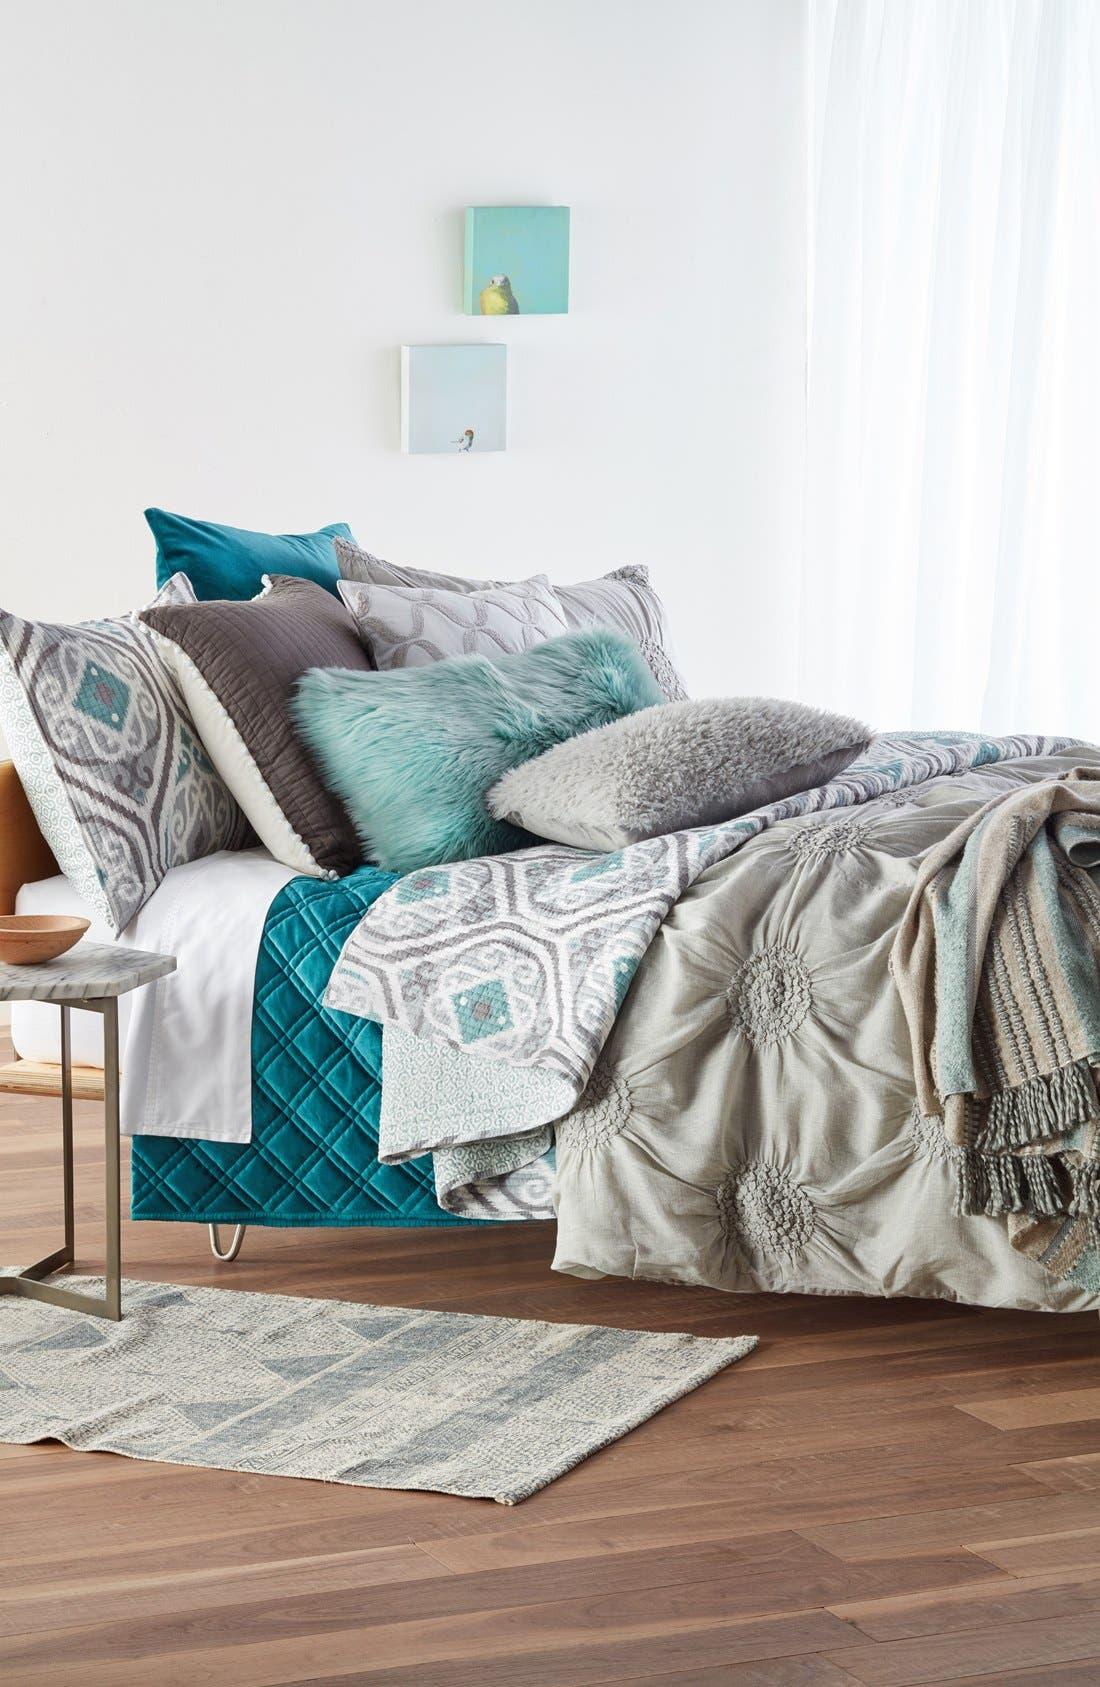 Alternate Image 2  - Mina Victory 'Sumptuous' Faux Fur Accent Pillow